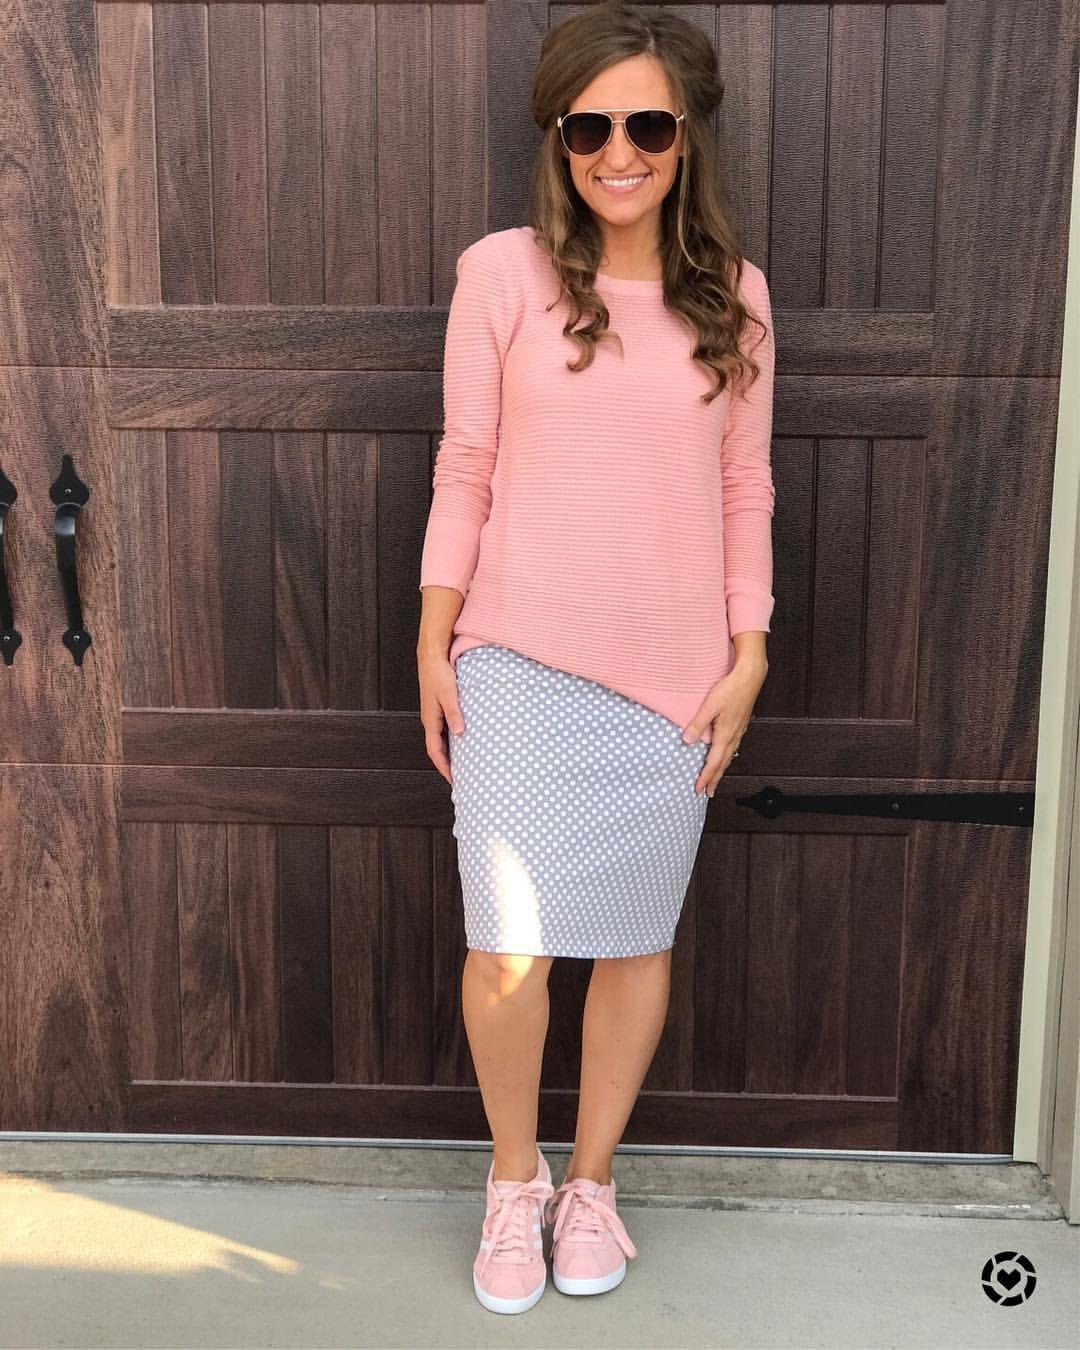 15bd818c44 00013 - saia lápis - suéter - tênis - rosa claro - poa - cinza - branco -  modelagem reta - frio.